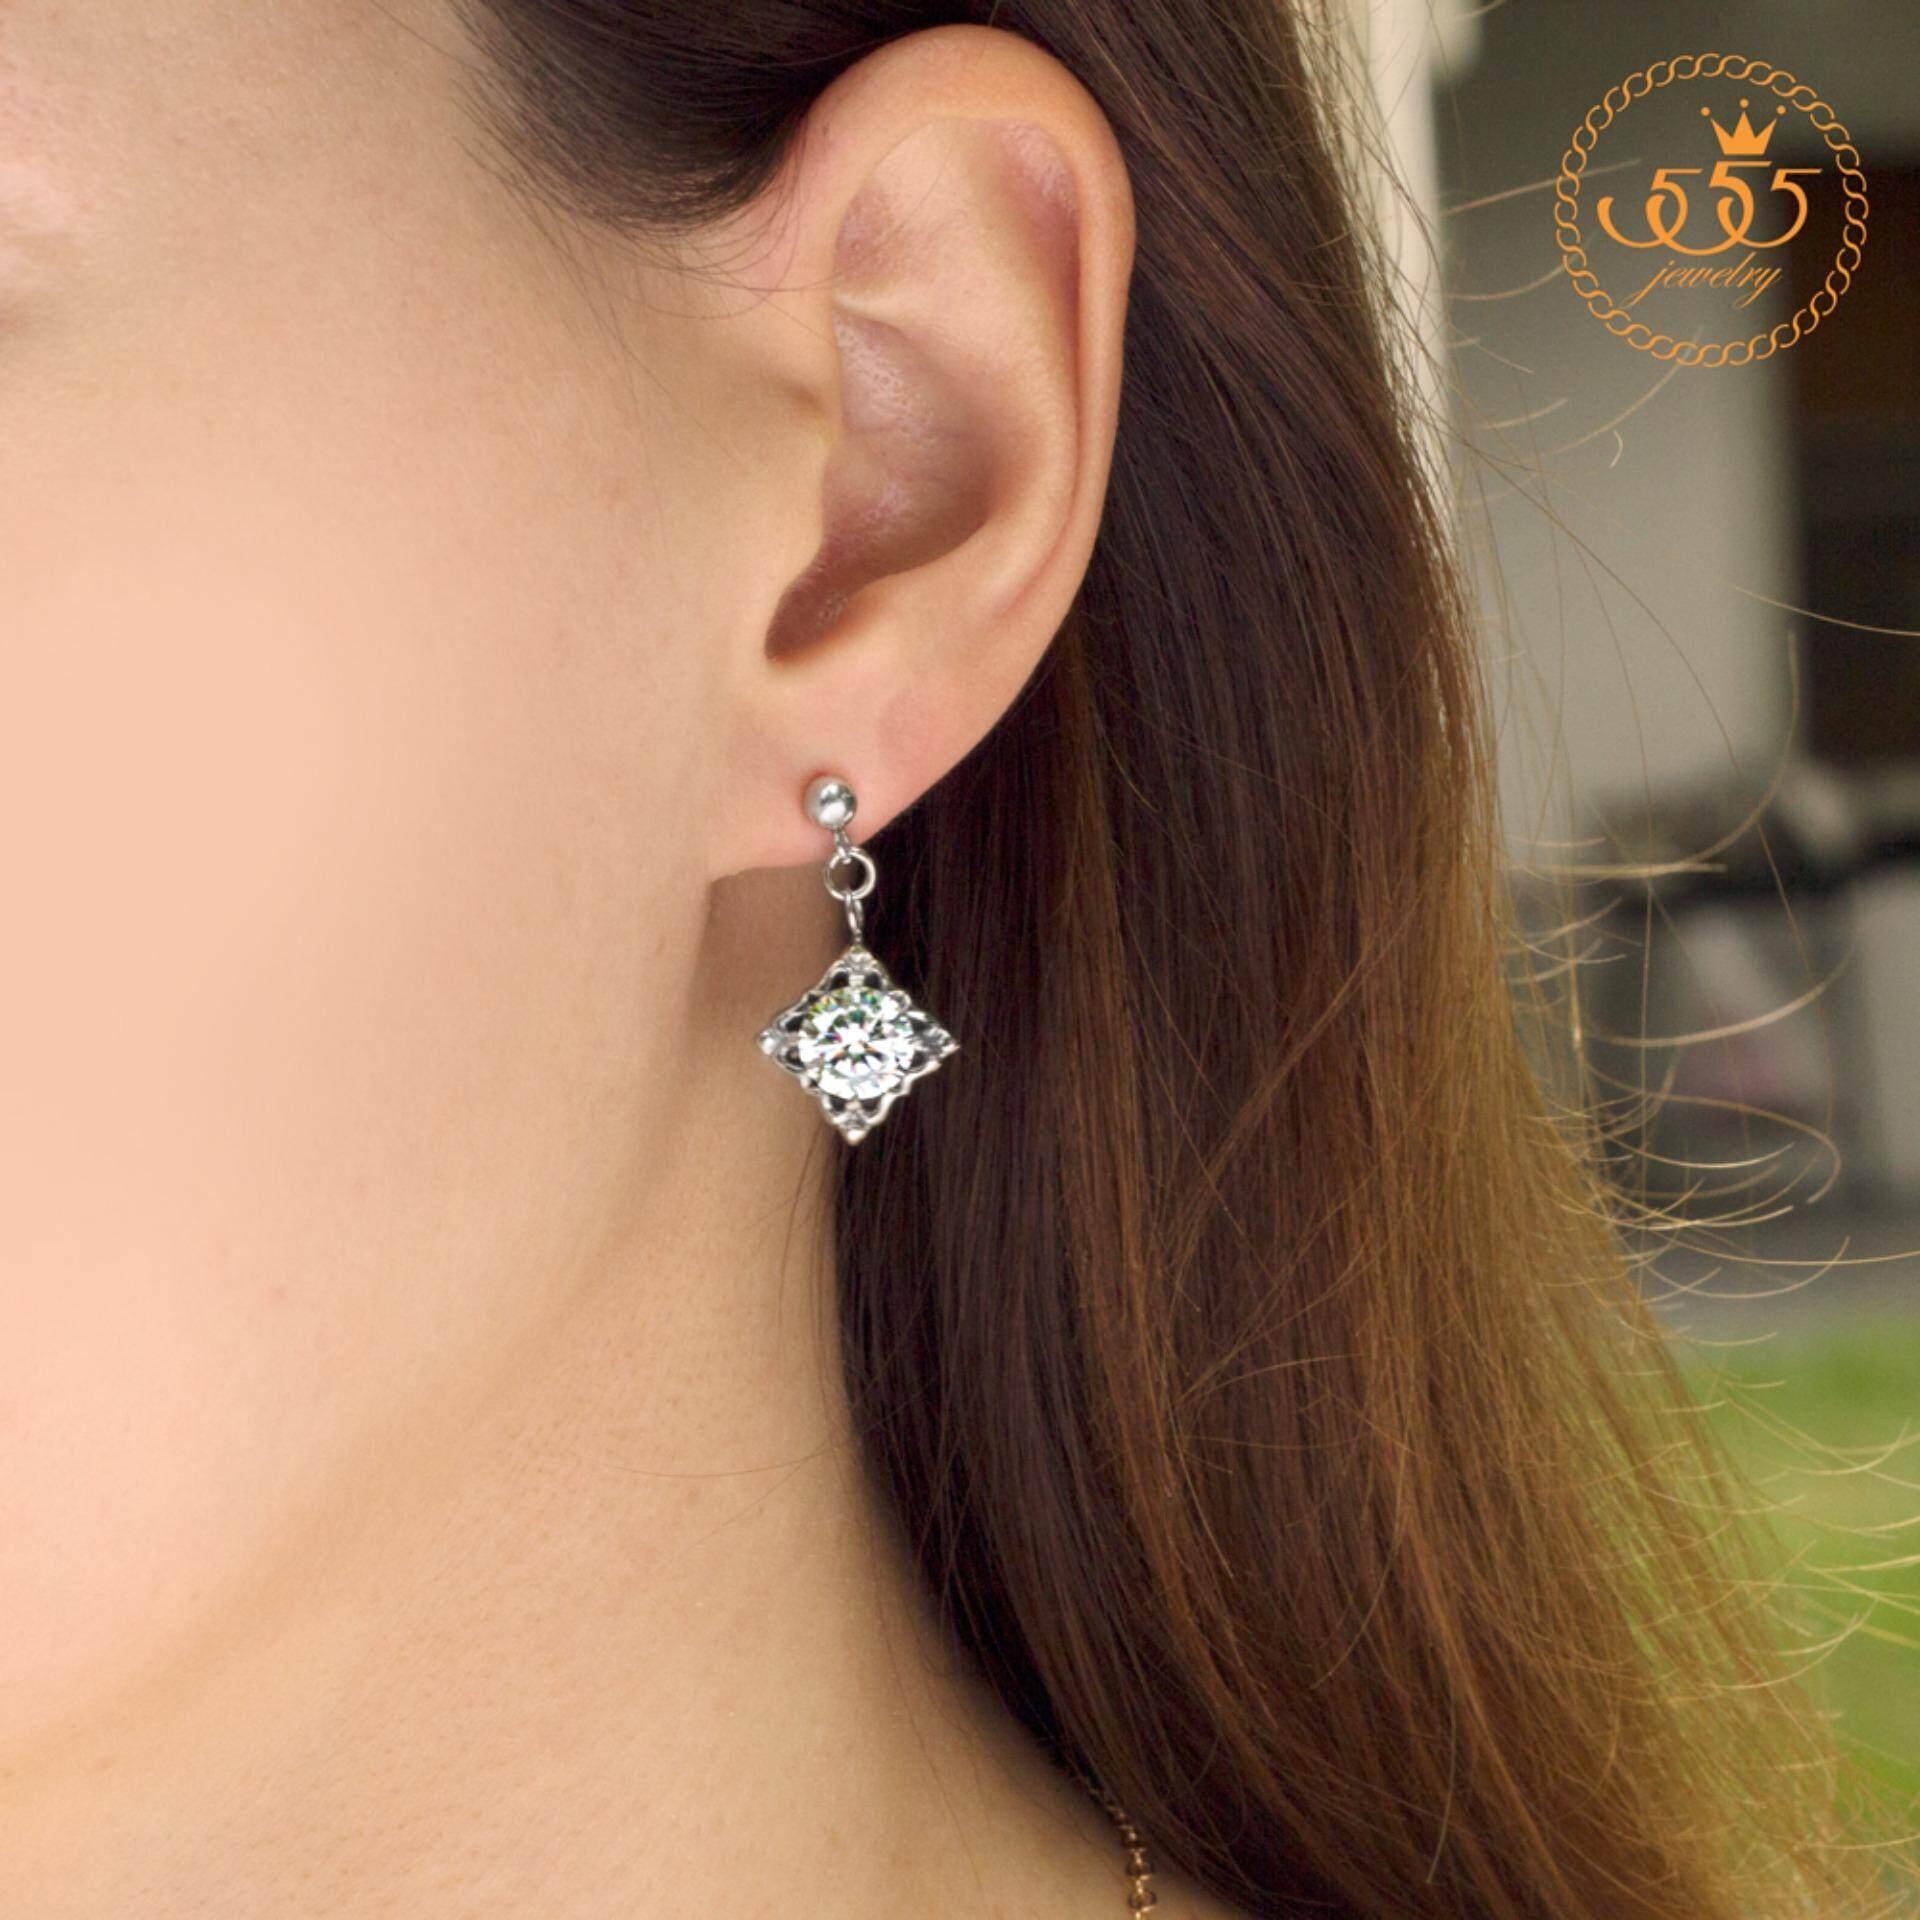 ราคา 555Jewelry ต่างหูแบบก้านเสียบ ประดับด้วย Cz สีขาว รุ่น Ssch 035E สี Steel ต่างหู ต่างหูแฟชั่น ต่างหูหนีบ ต่างหูทอง ต่างหูเงิน ต่างหูผู้หญิง ใหม่ล่าสุด